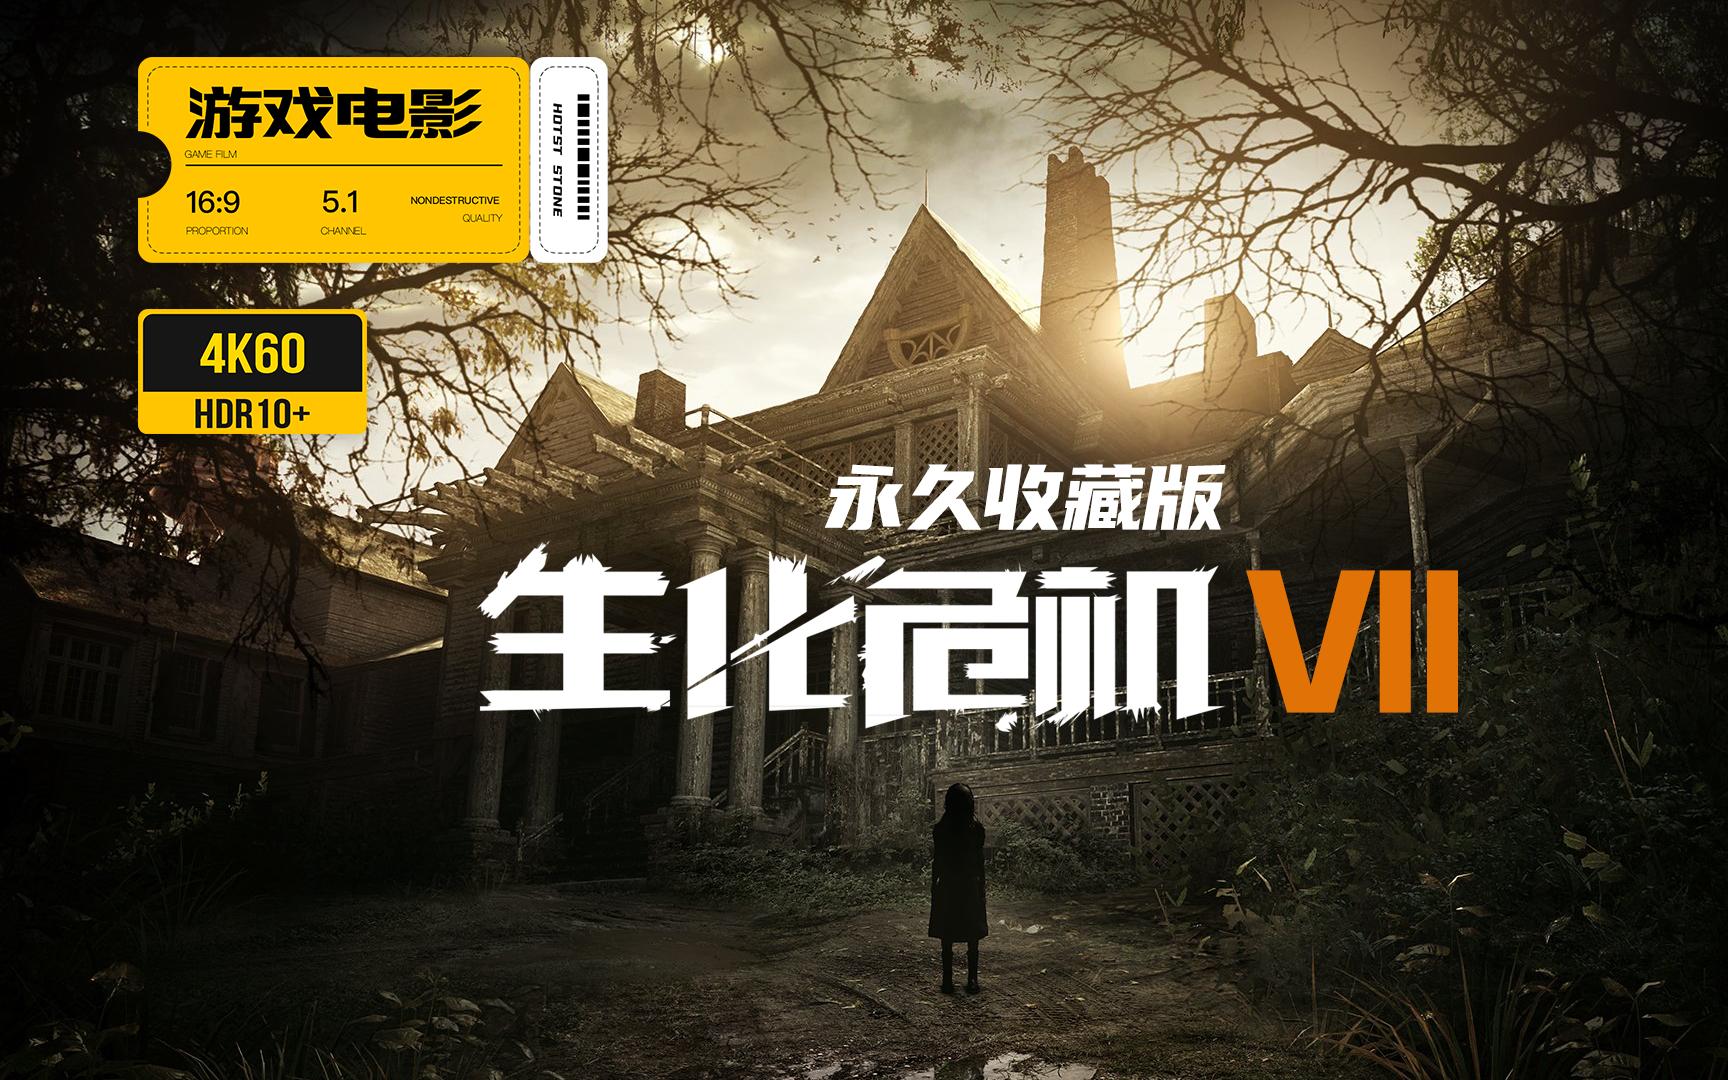 游戏电影《生化危机7》完整剧情 永久收藏版 4K60全特效